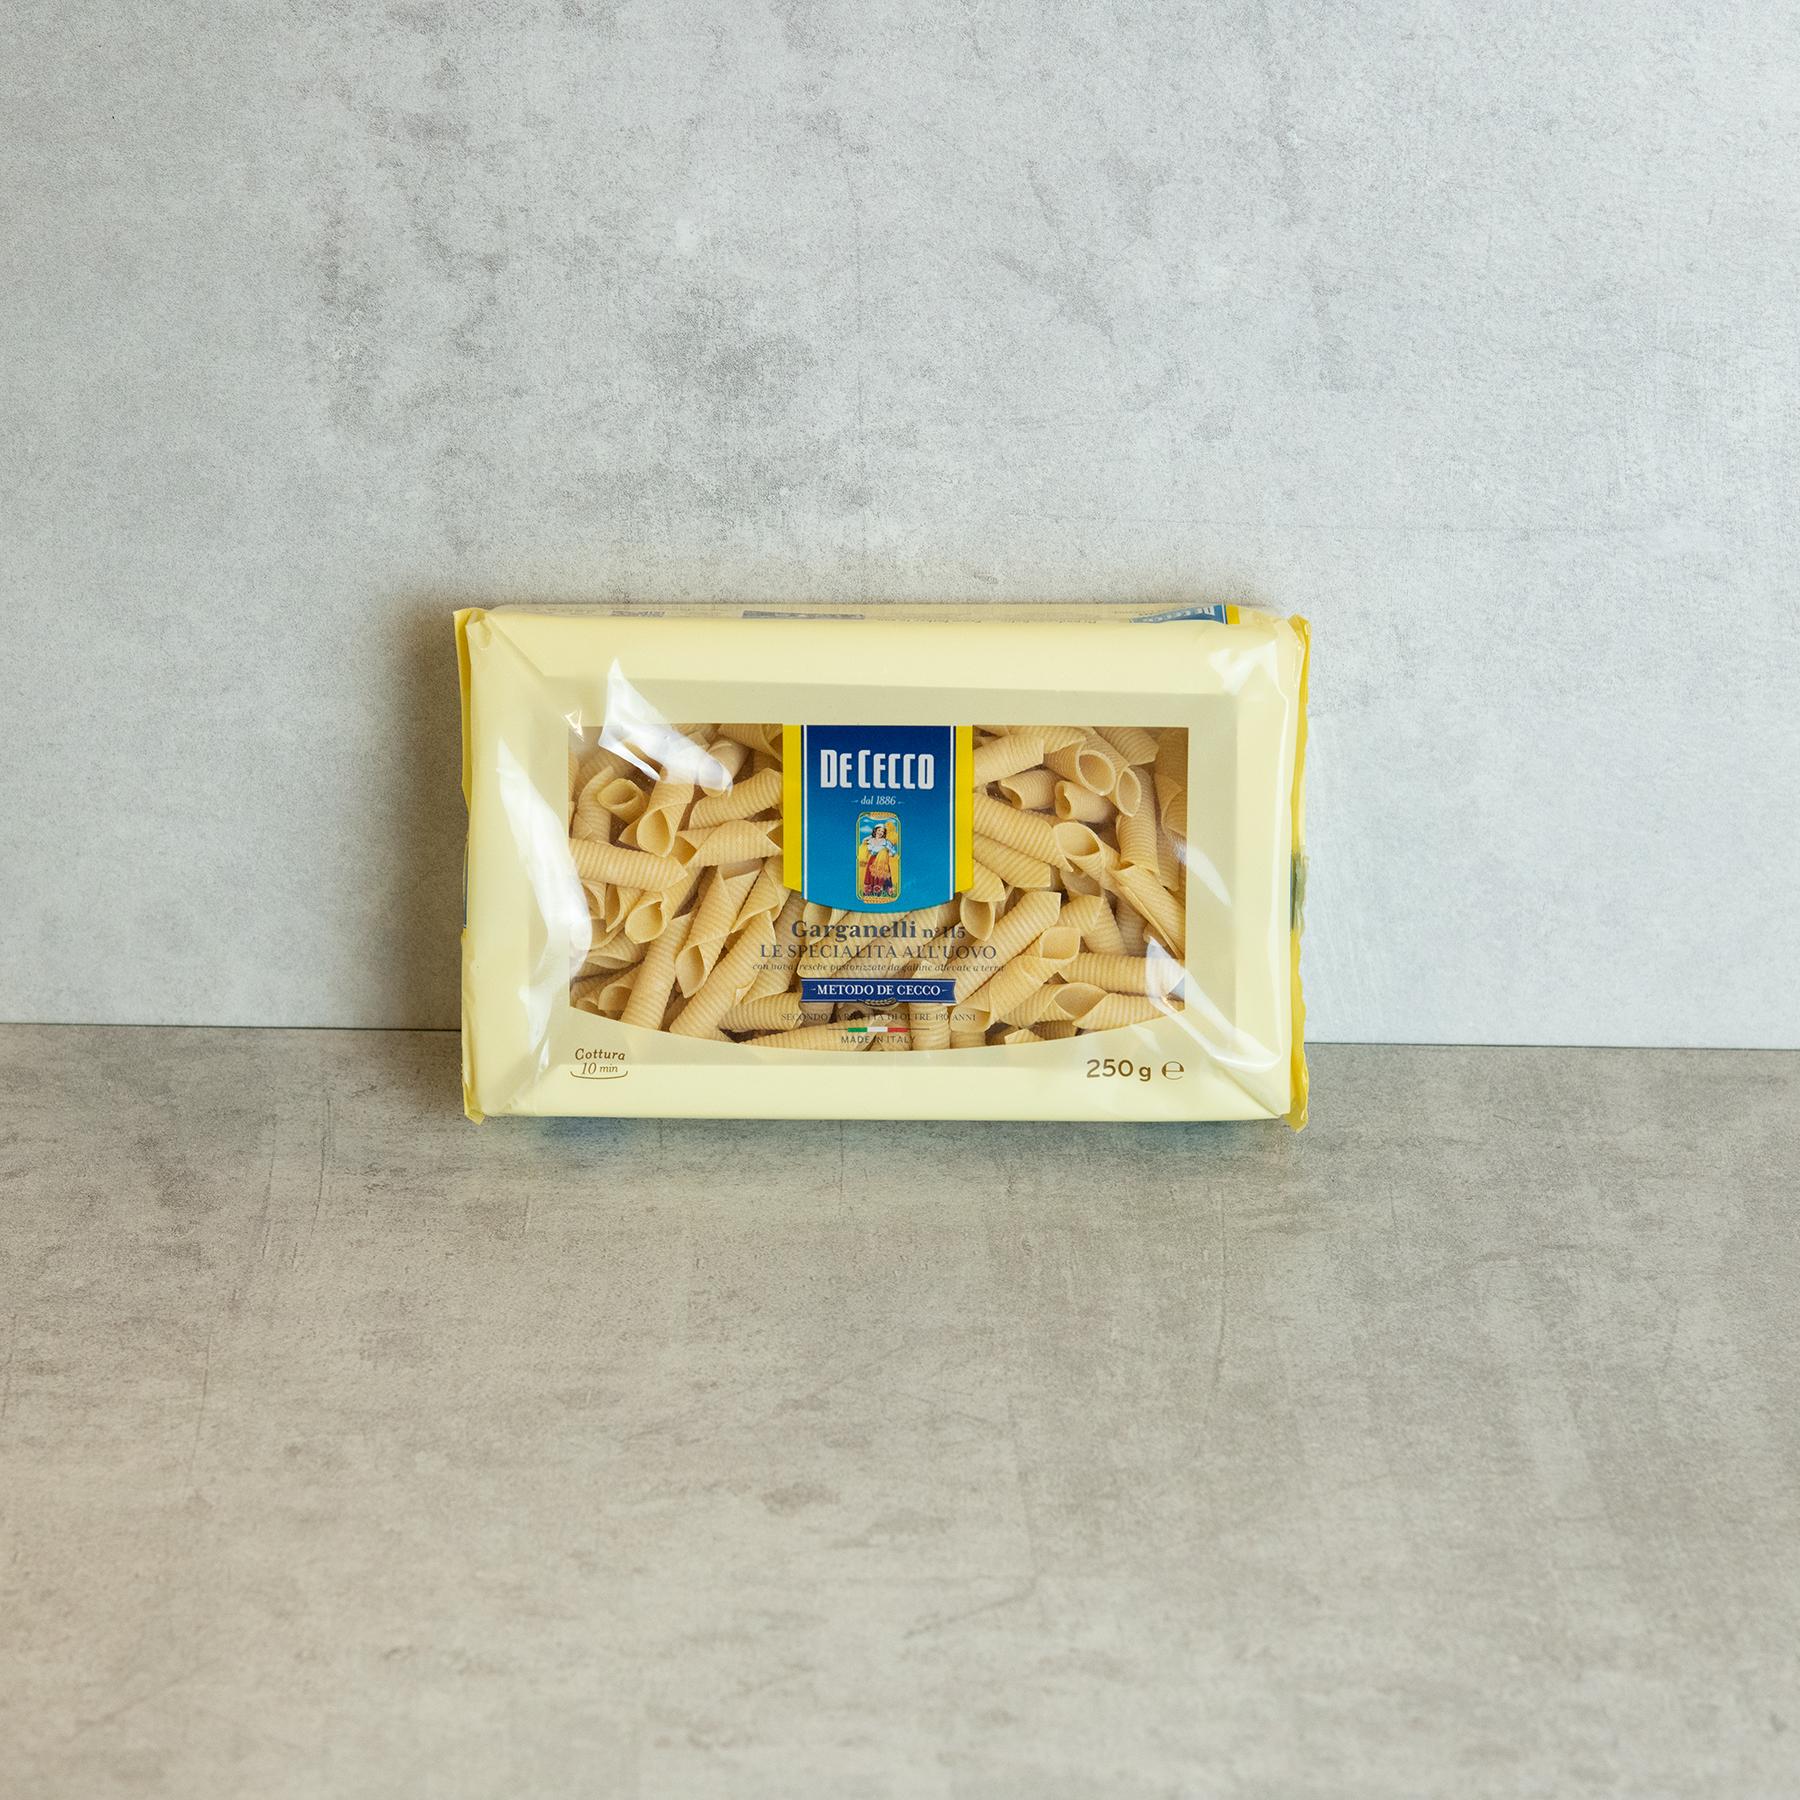 dececco-garganelli-250-g---paeckchen-markthalle20-1